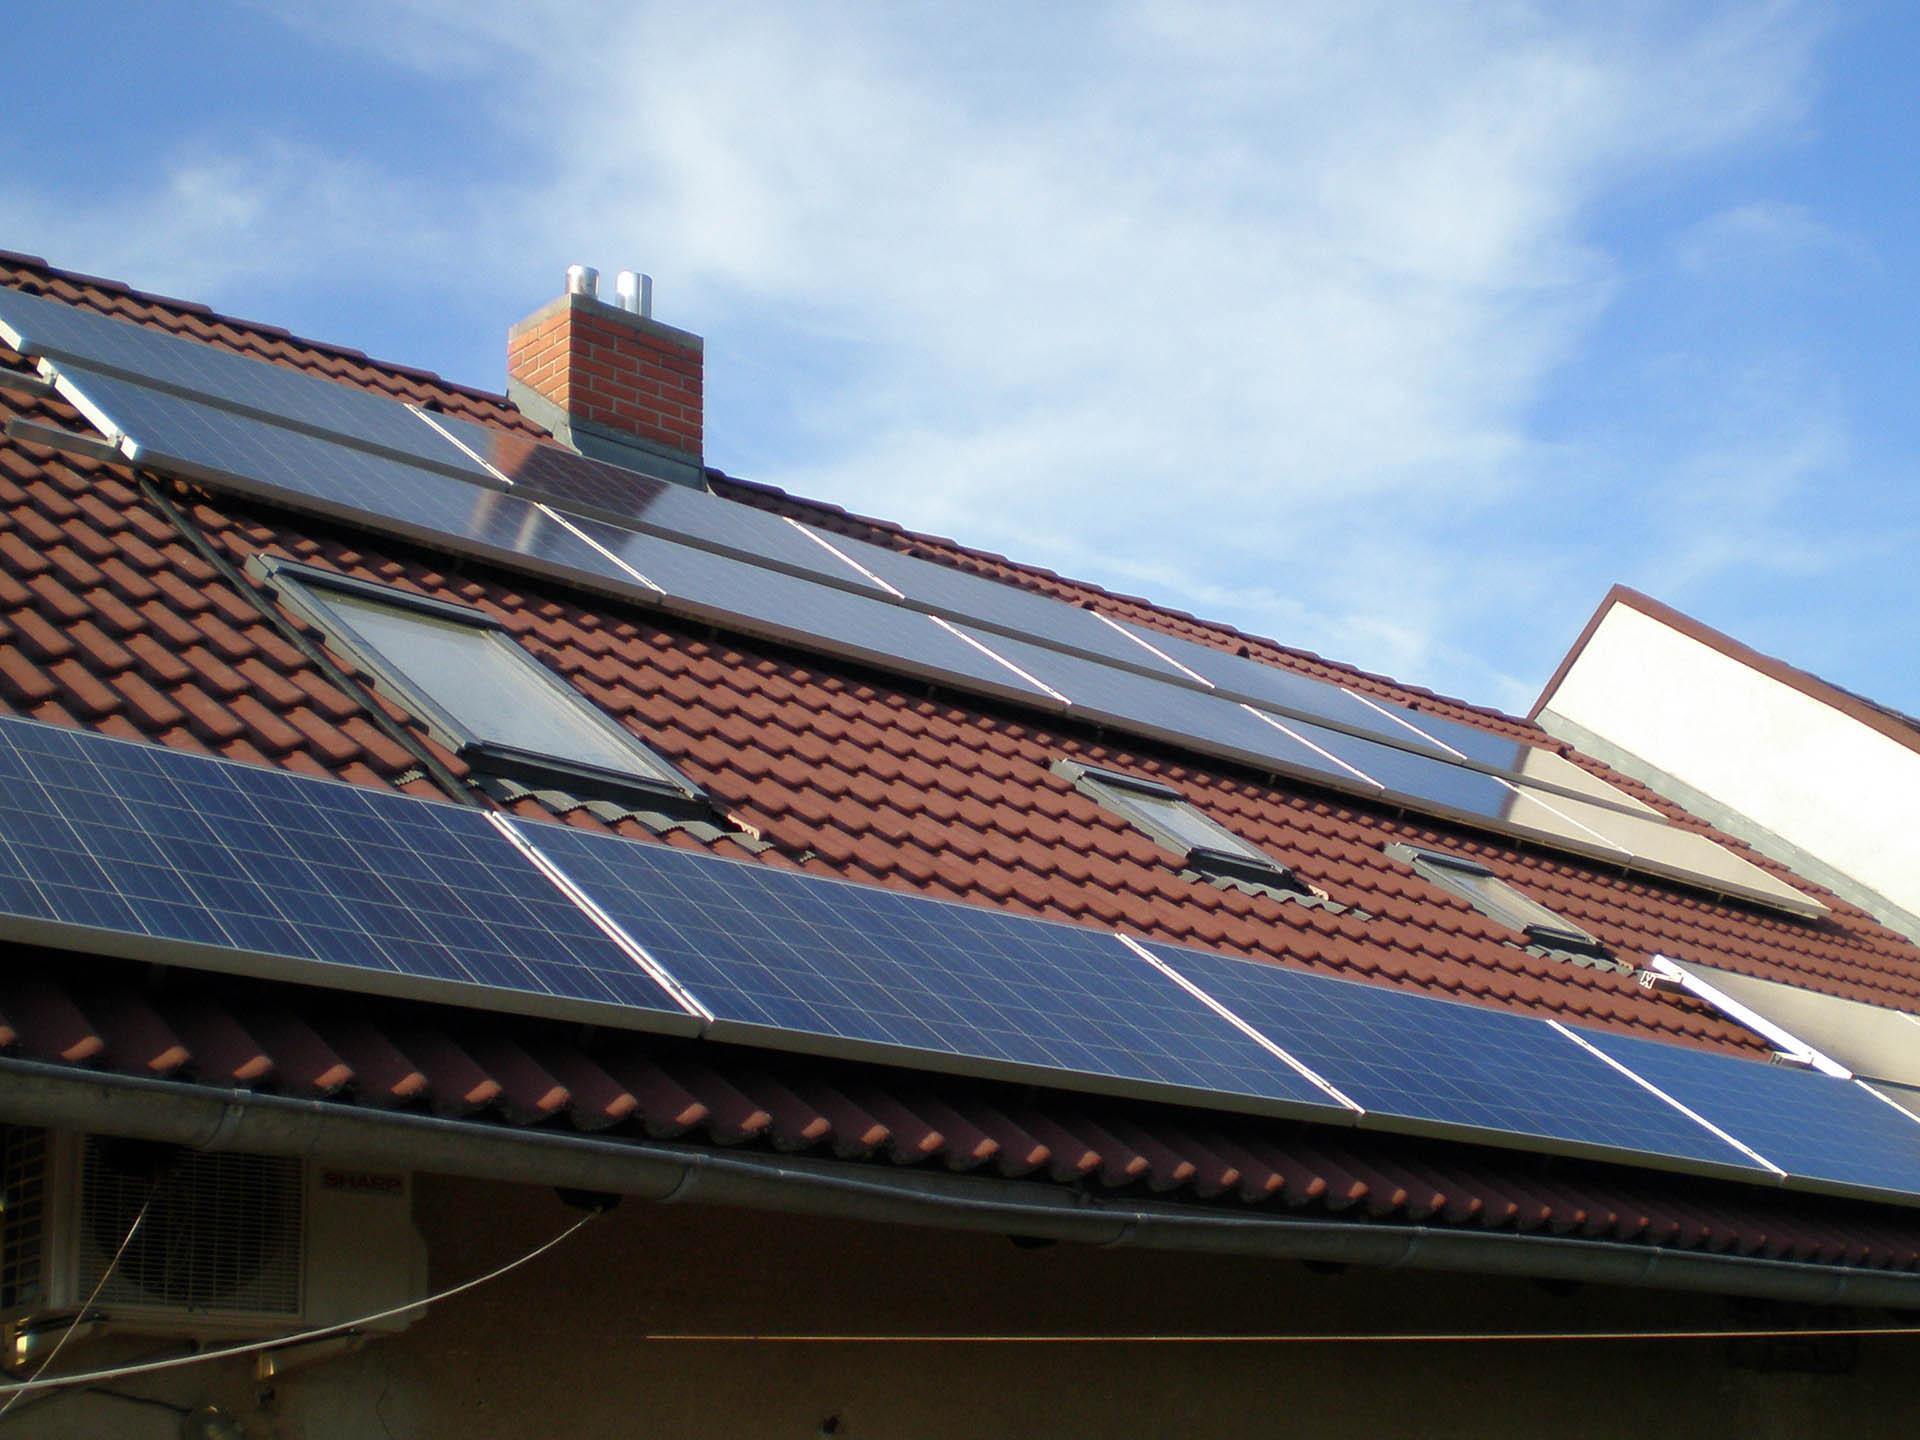 Rodinný dům, Pyšely. Instalace fotovoltaické elektrárny o výkonu 5 kWp.